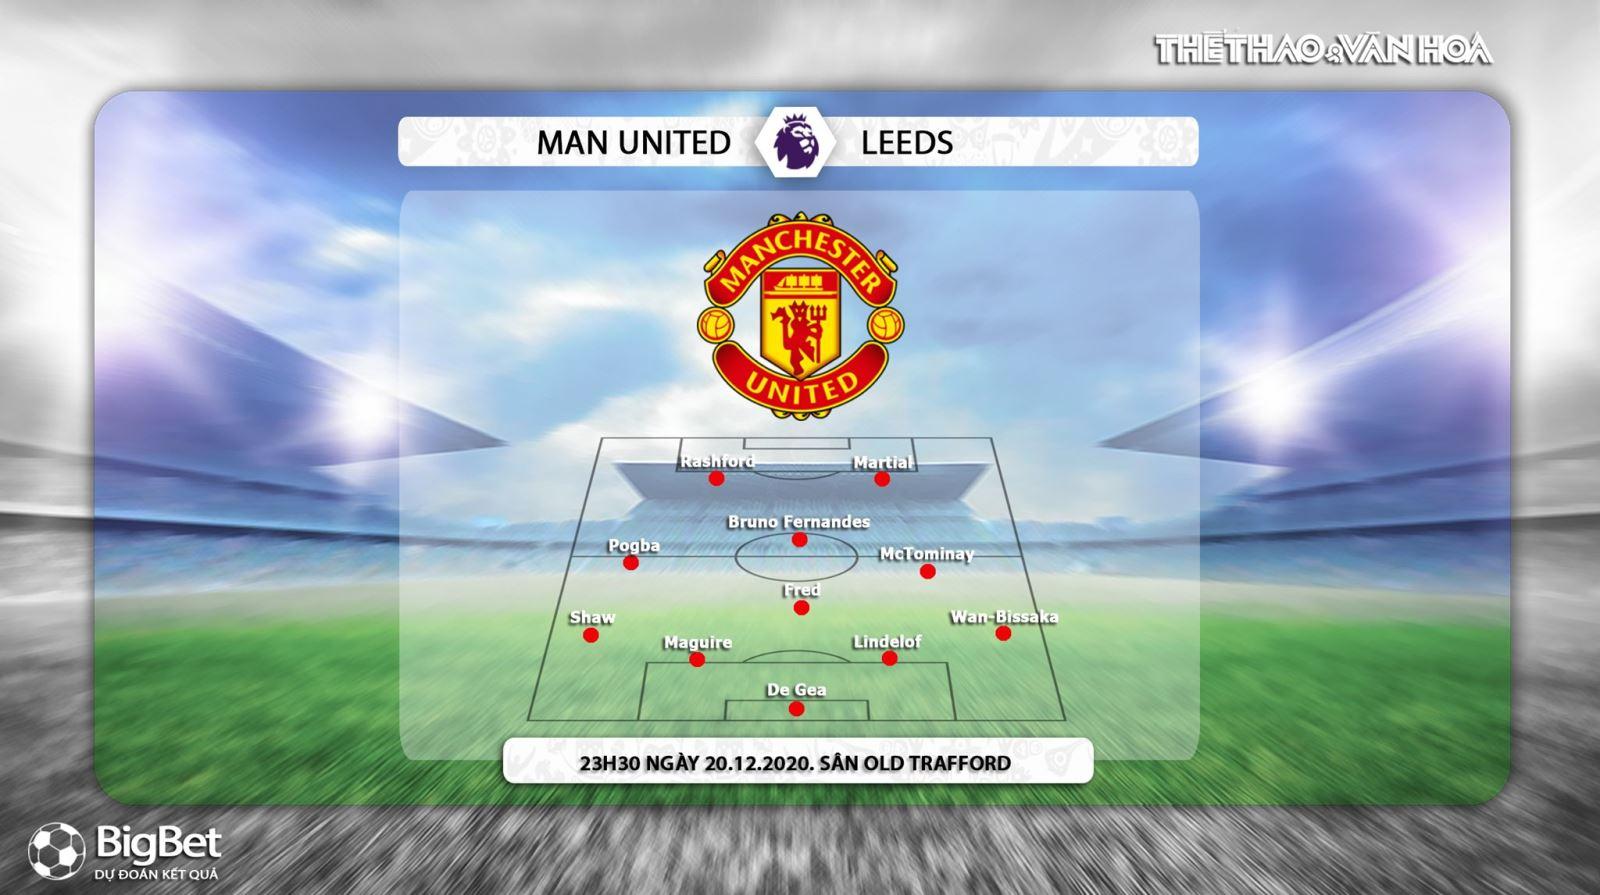 Keo nha cai, Kèo nhà cái, MU vs Leeds, Trực tiếp bóng đá, Ngoại hạng Anh vòng 13, soi kèo MU vs Leeds, trực tiếp bóng đá MU vs Leeds, MU đấu với Leeds, kèo MU, kèo Leeds